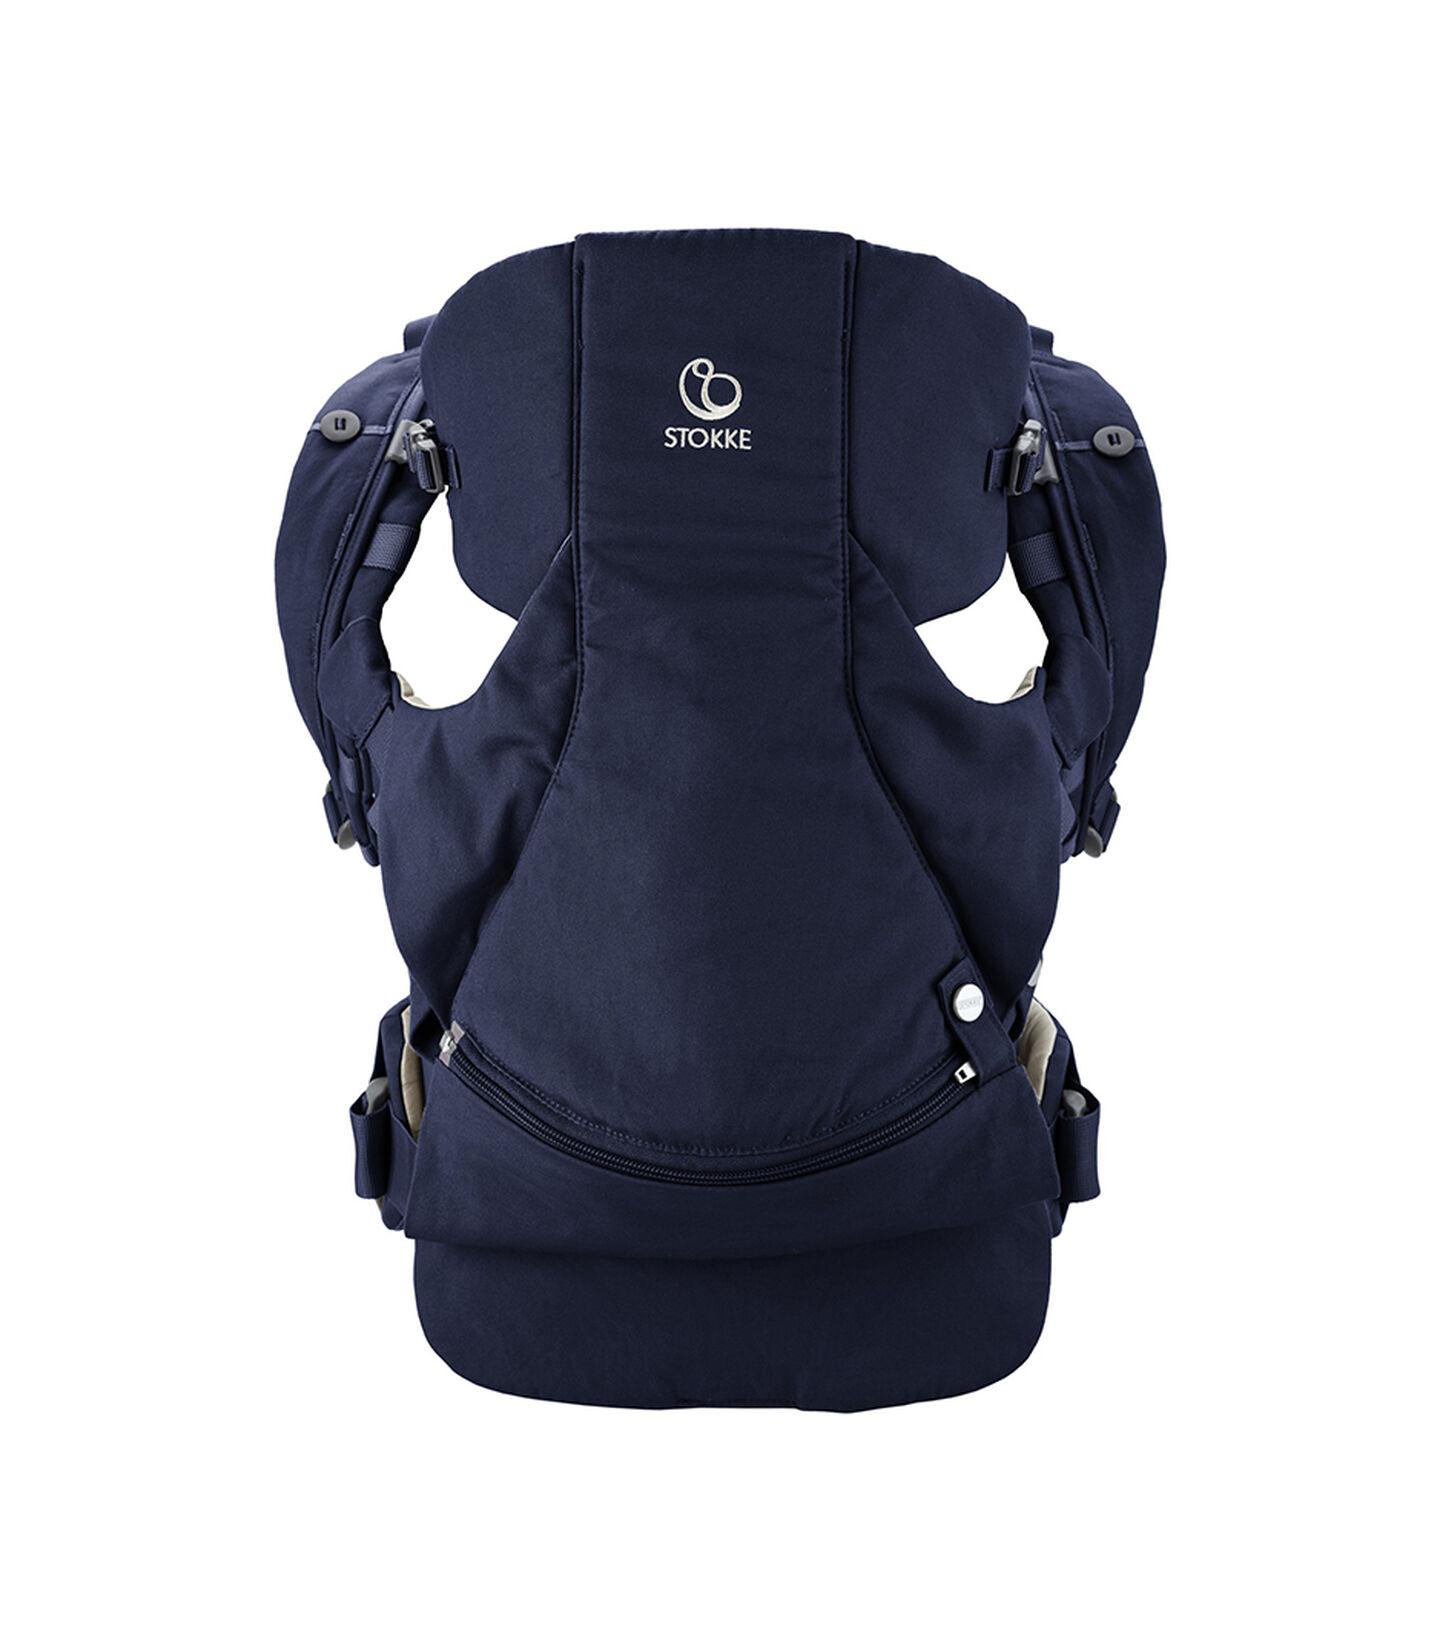 Stokke® MyCarrier™ nosidło przednie i tylne Deep Blue, Deep Blue, mainview view 2